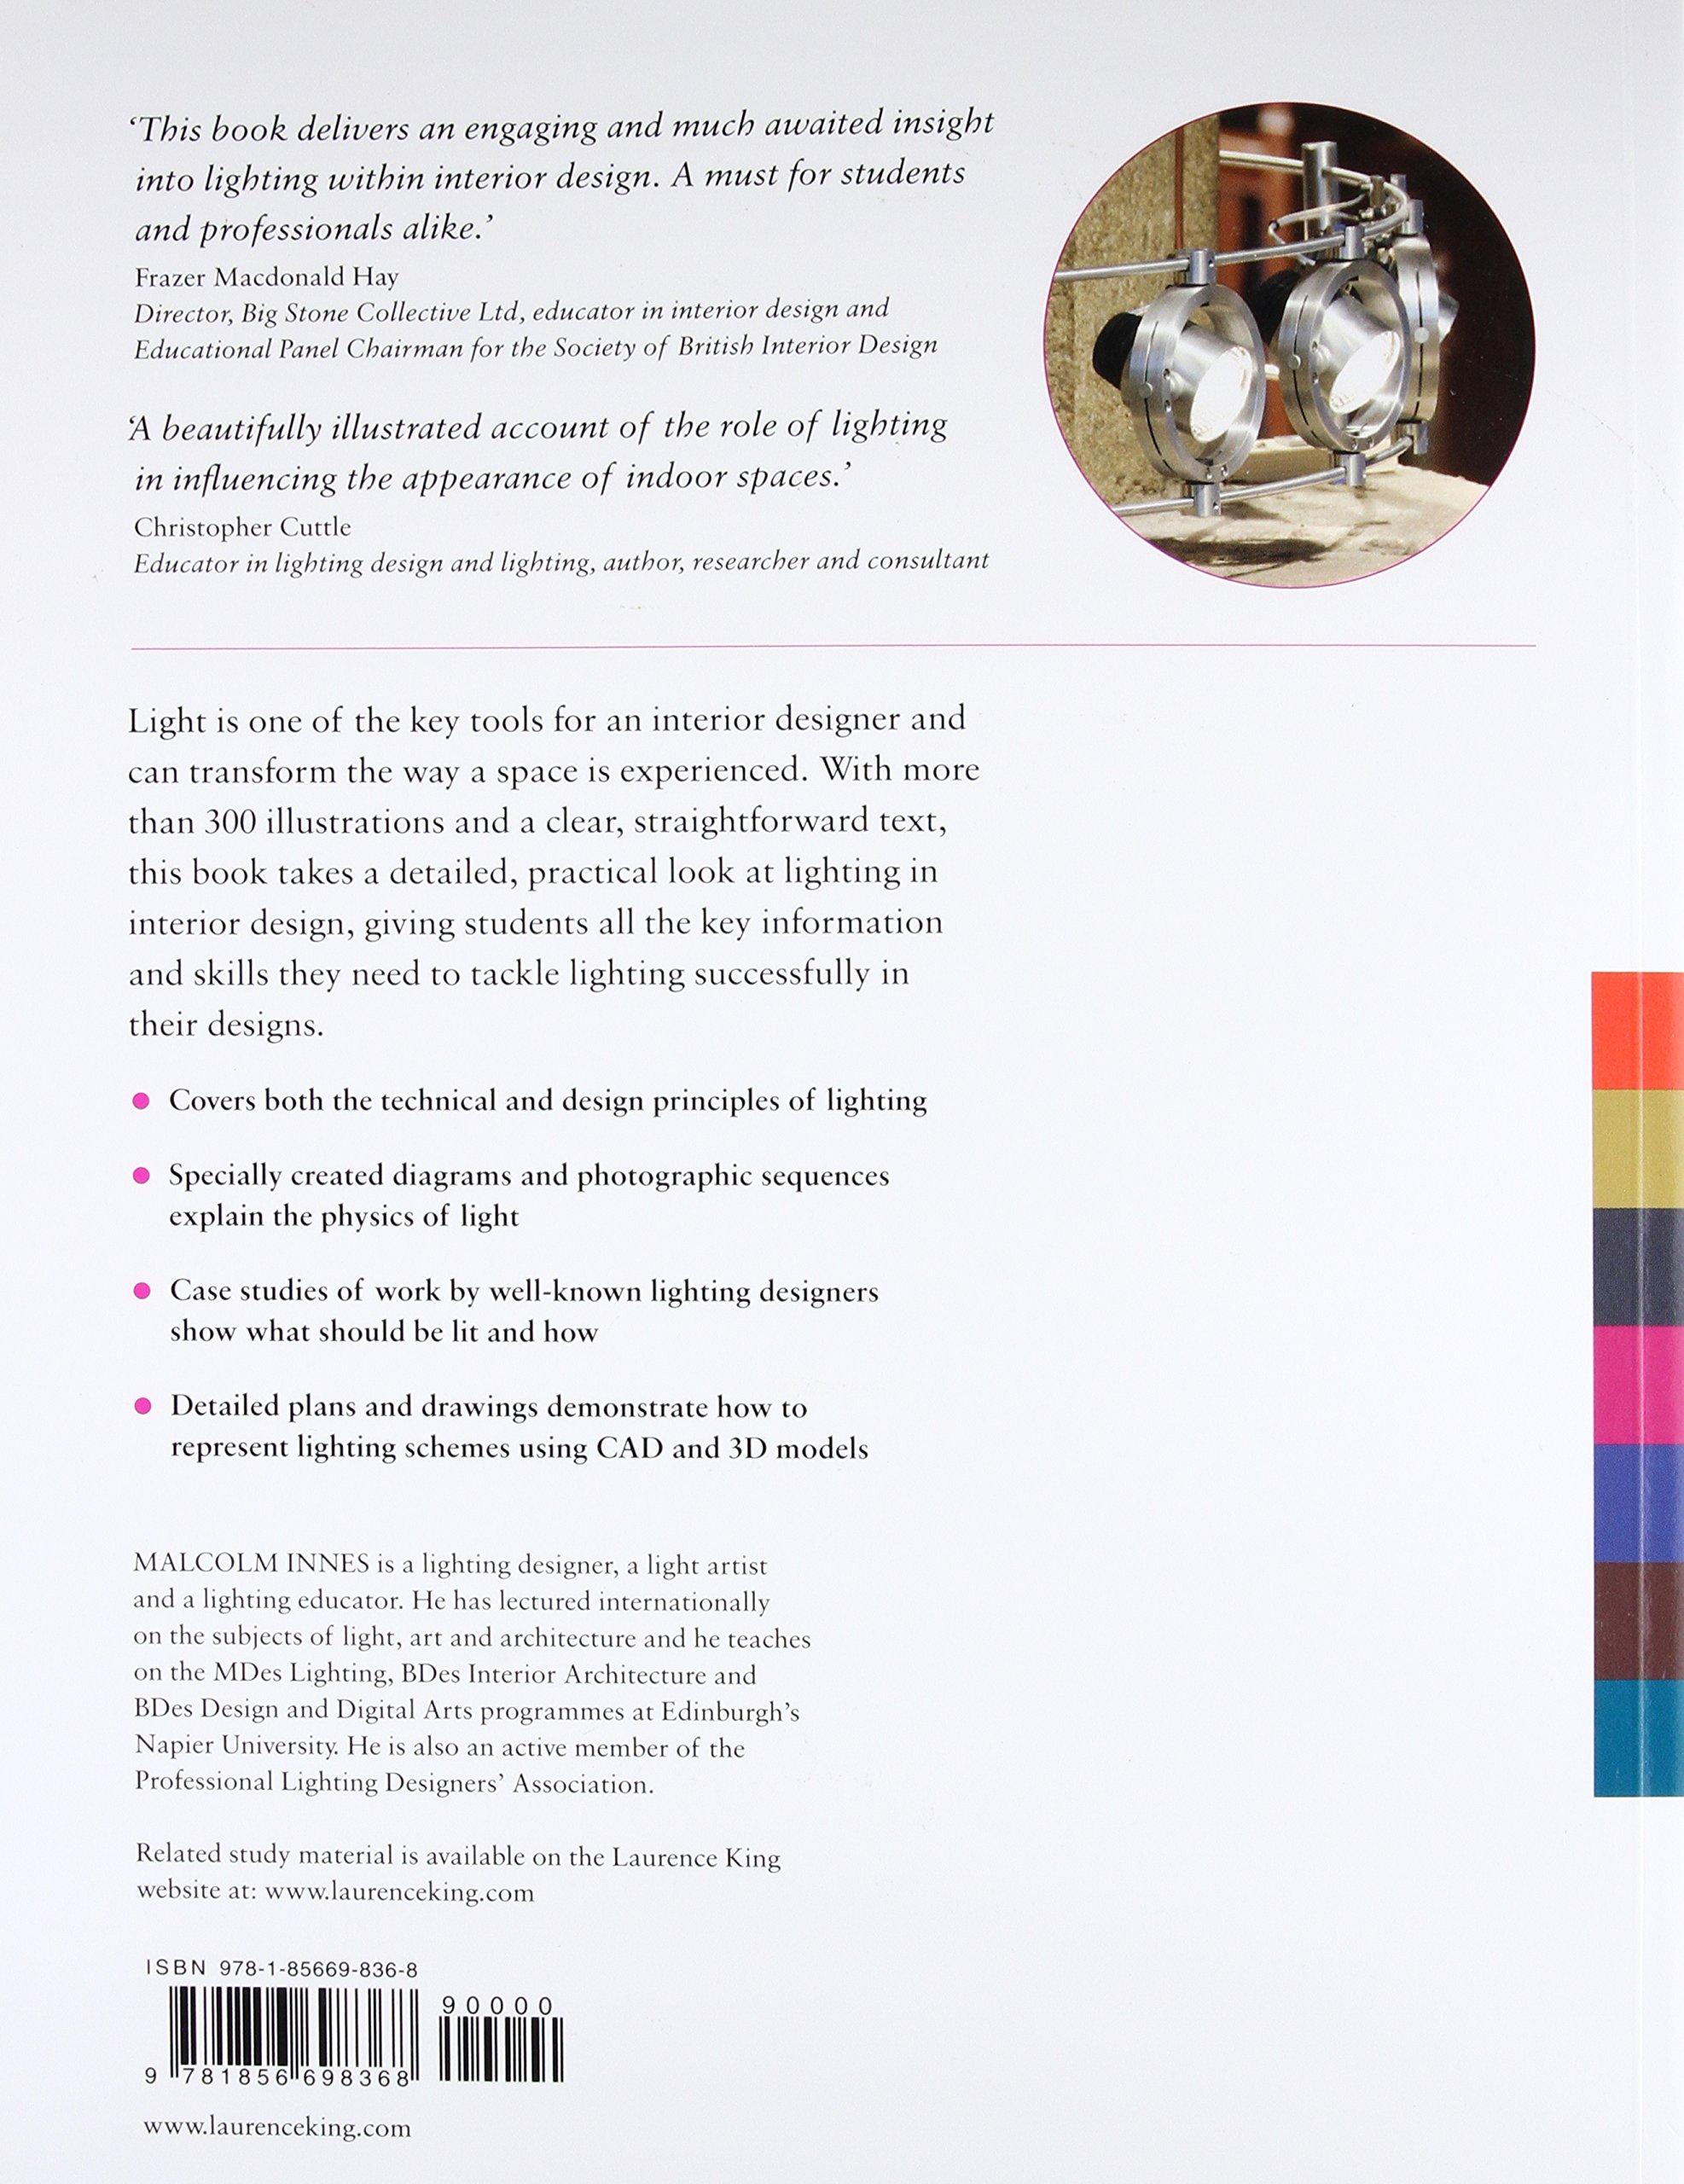 indoor lighting designer. Lighting For Interior Design: Portfolio Skills: Malcolm Innes: 9781856698368: Books - Amazon.ca Indoor Designer